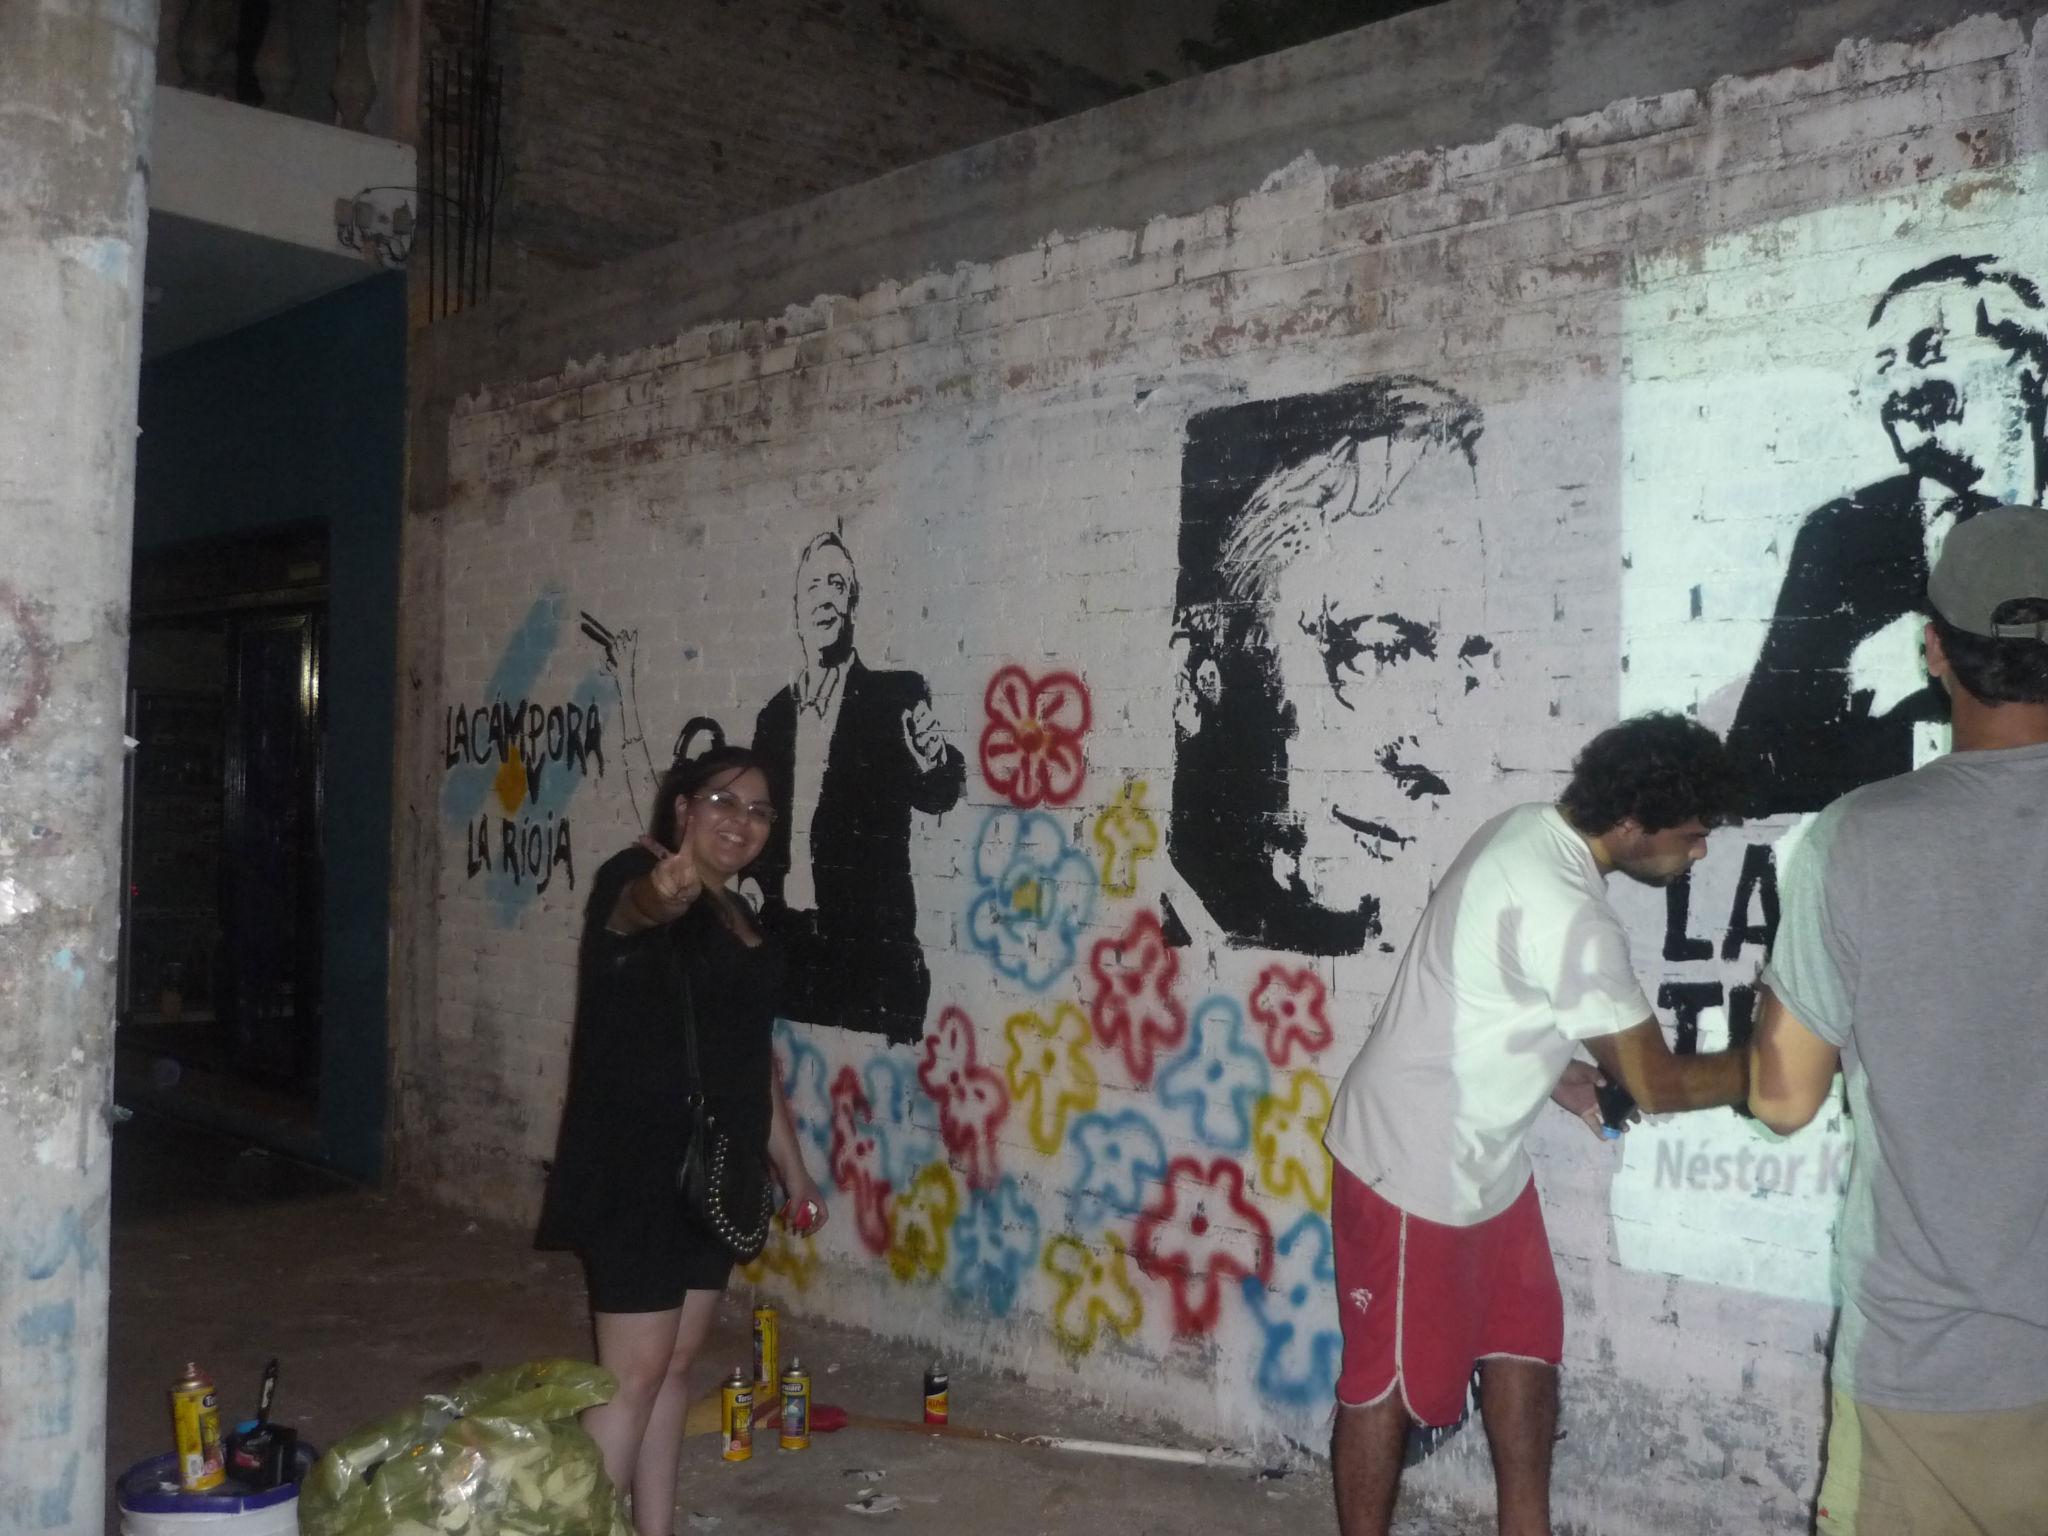 la-rioja-mural-4